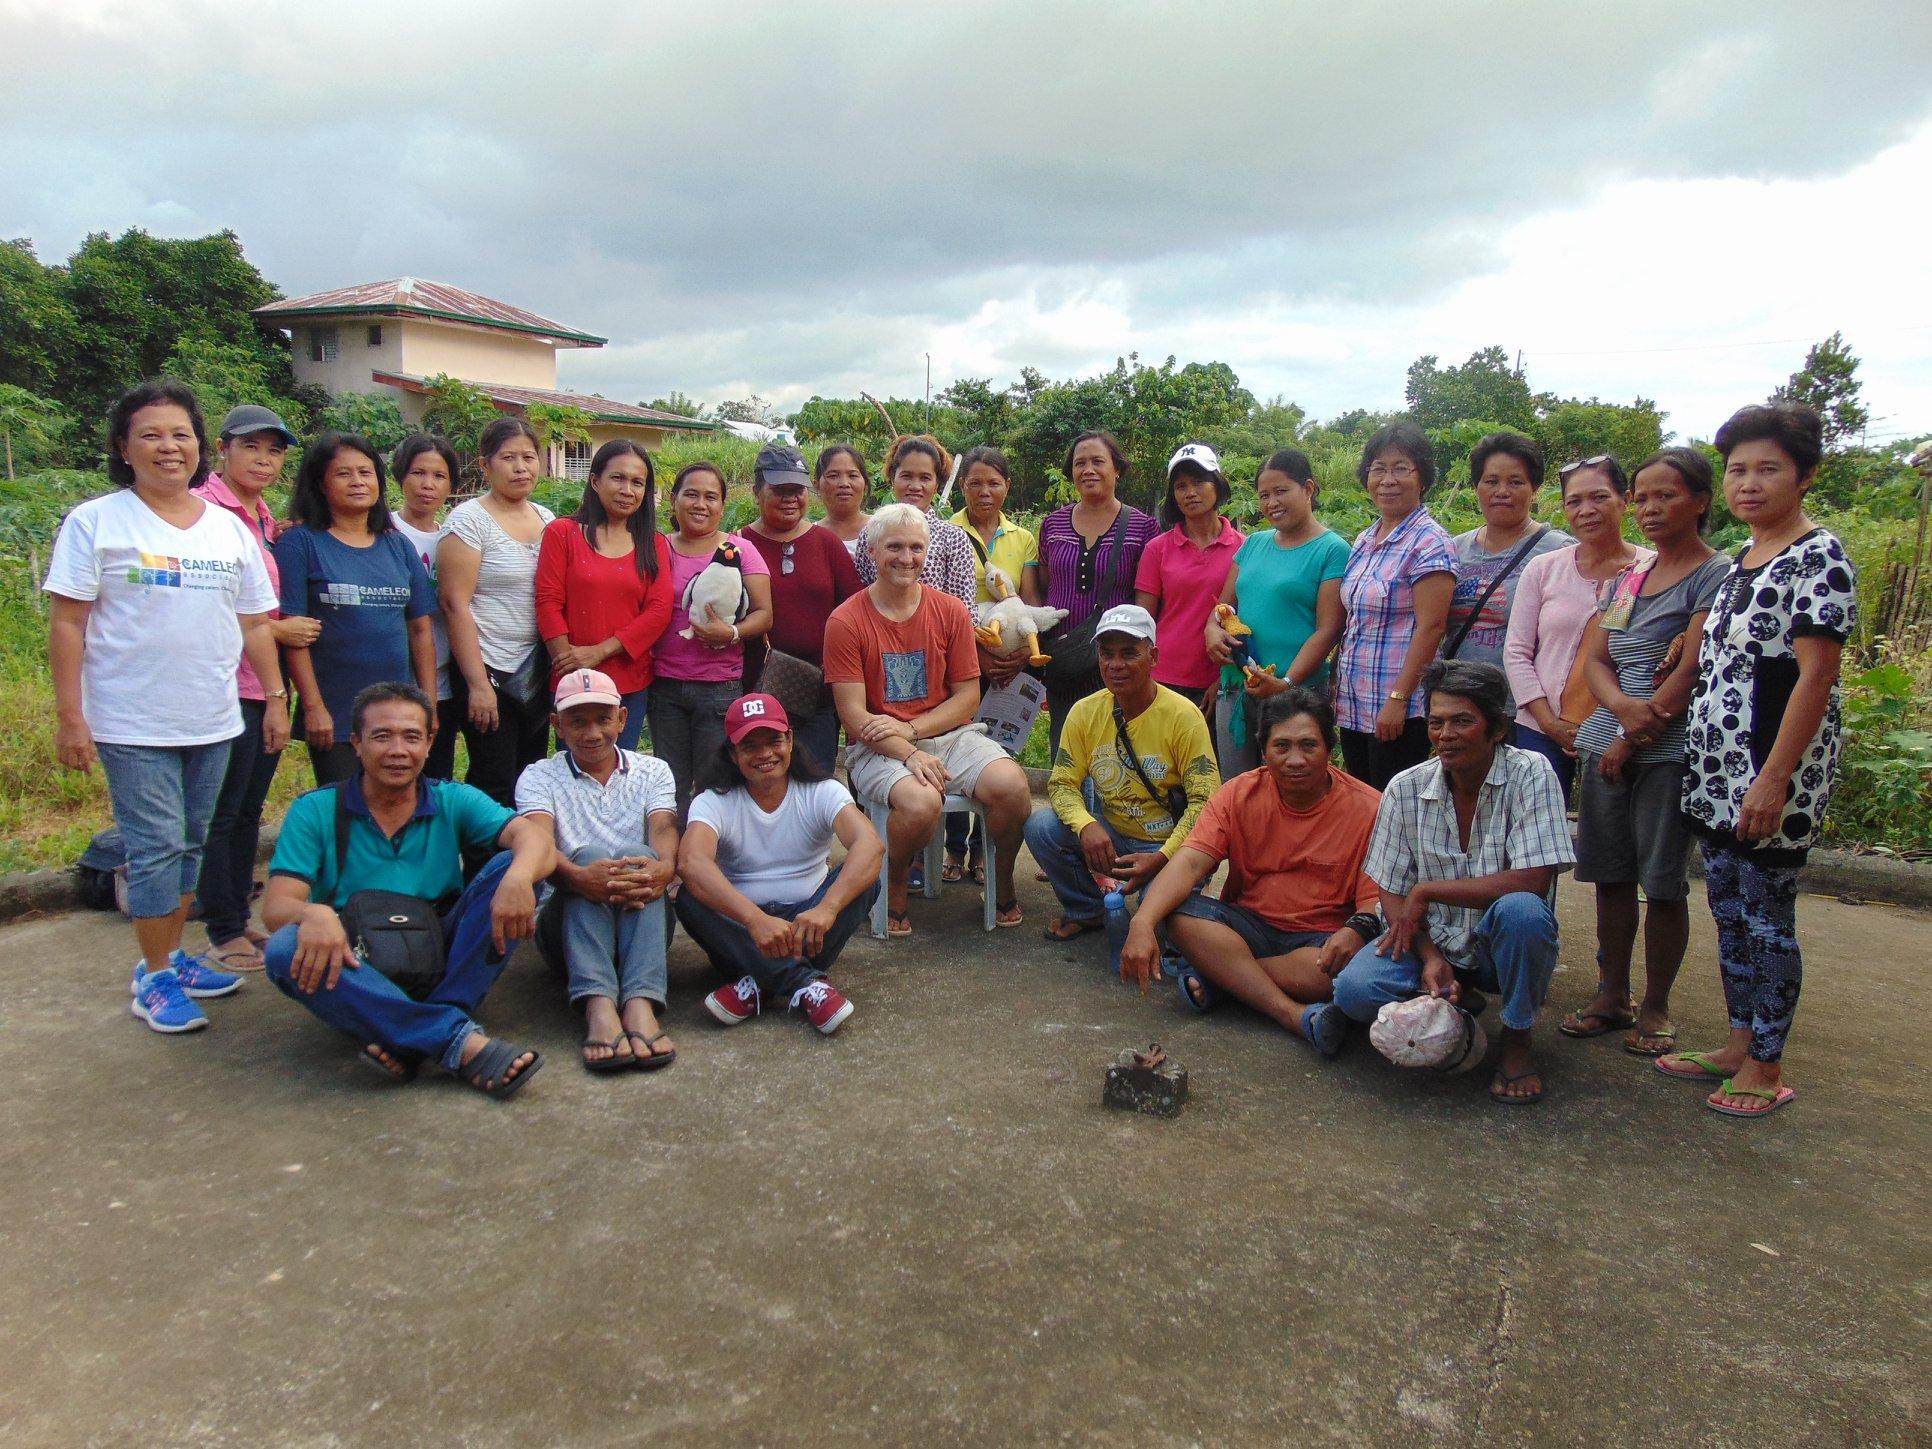 Les actions bénévoles Philippines d'octobre 2018 à mars 2019